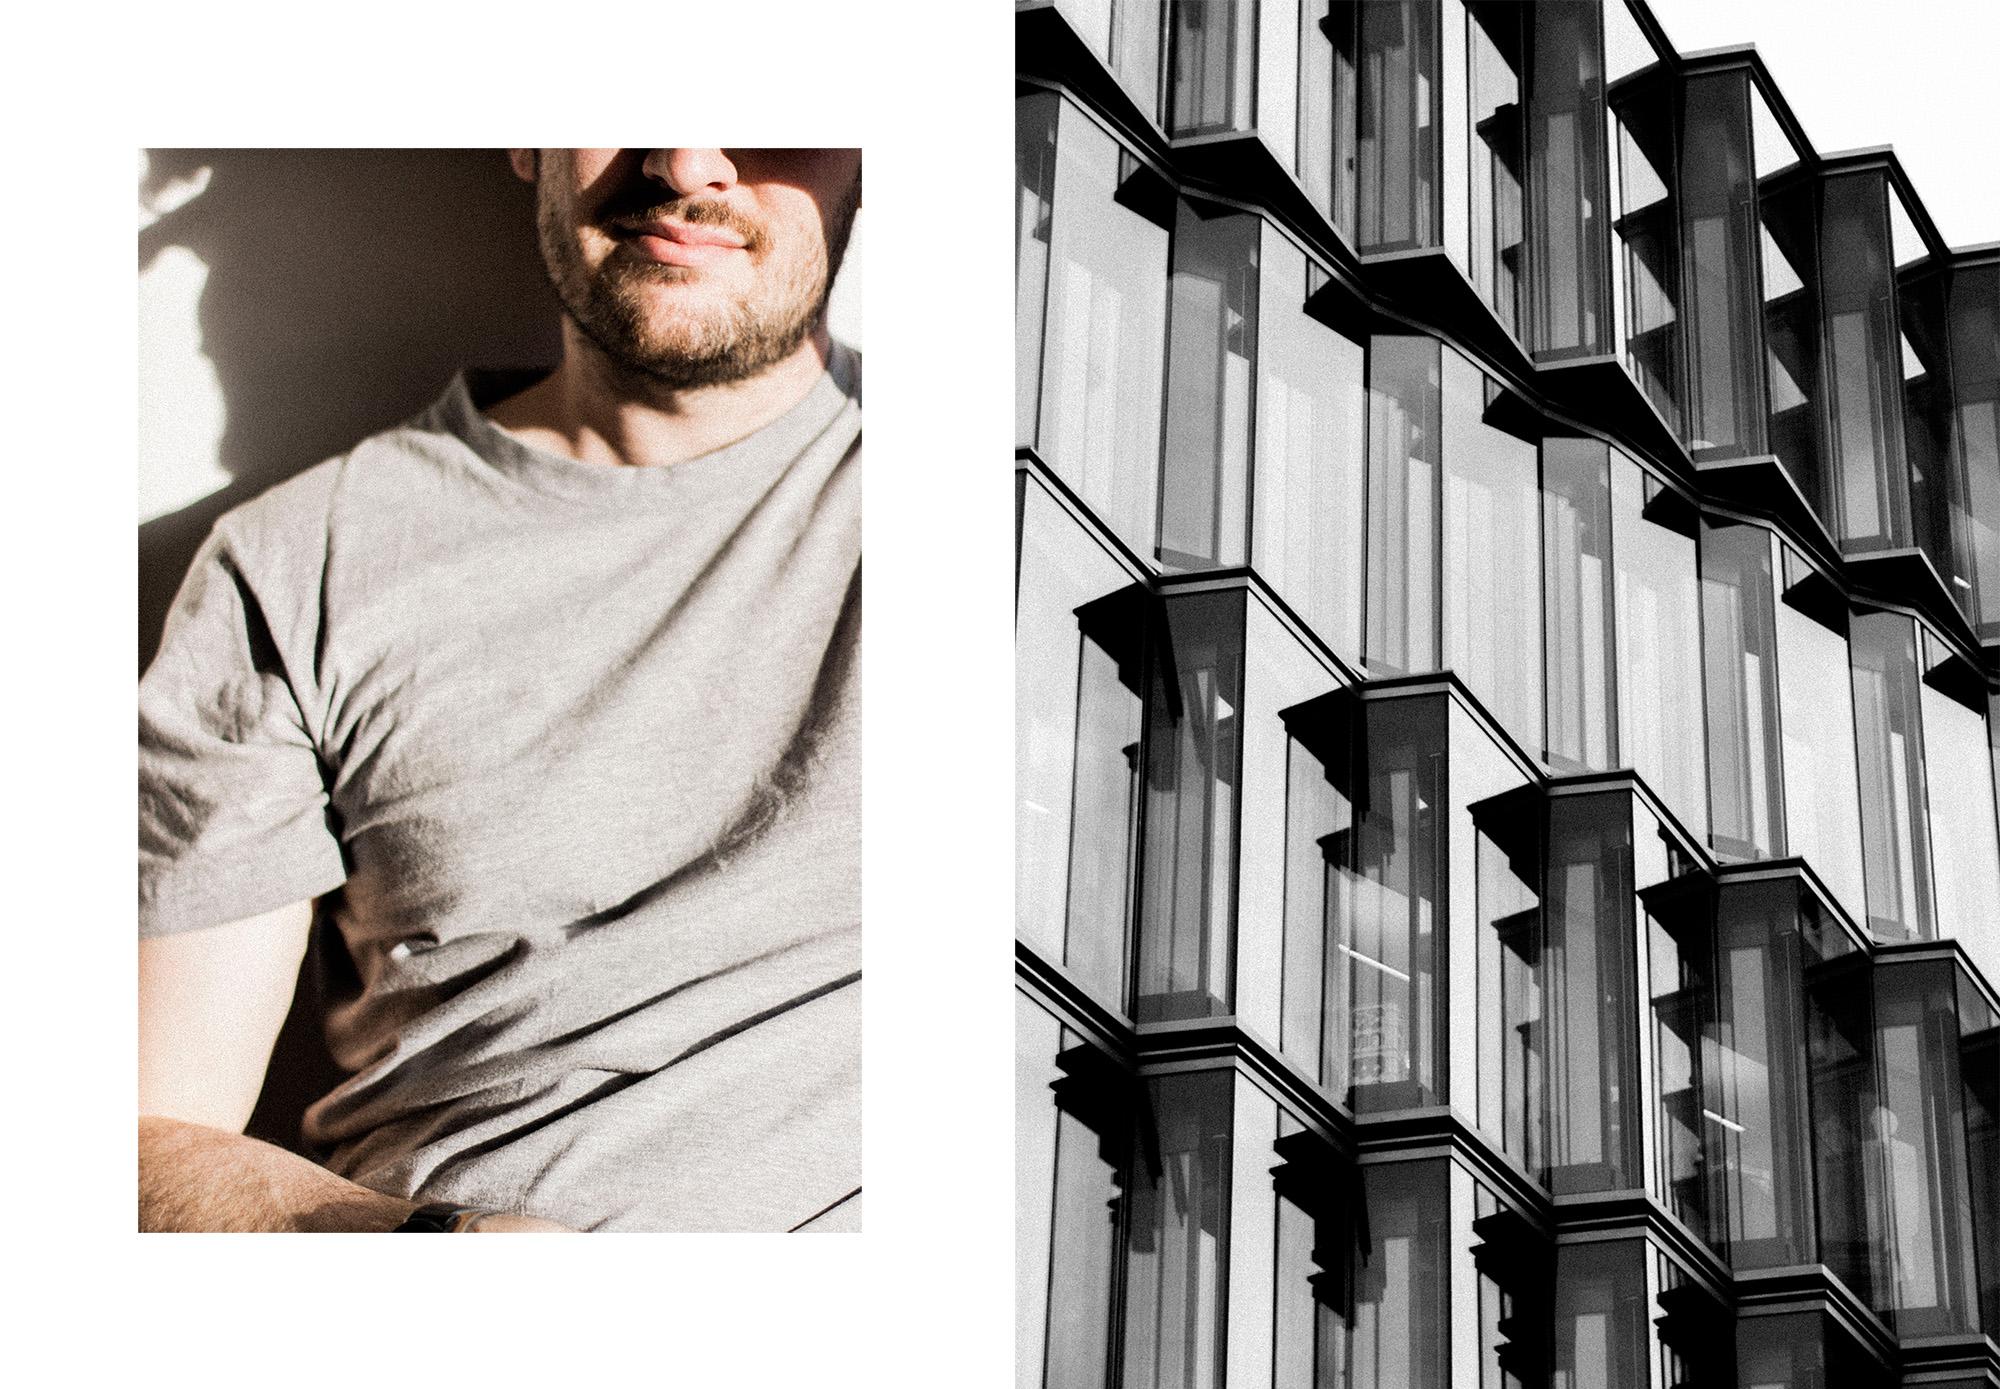 Berlin Tinder Lovestory / IheartAlice.com